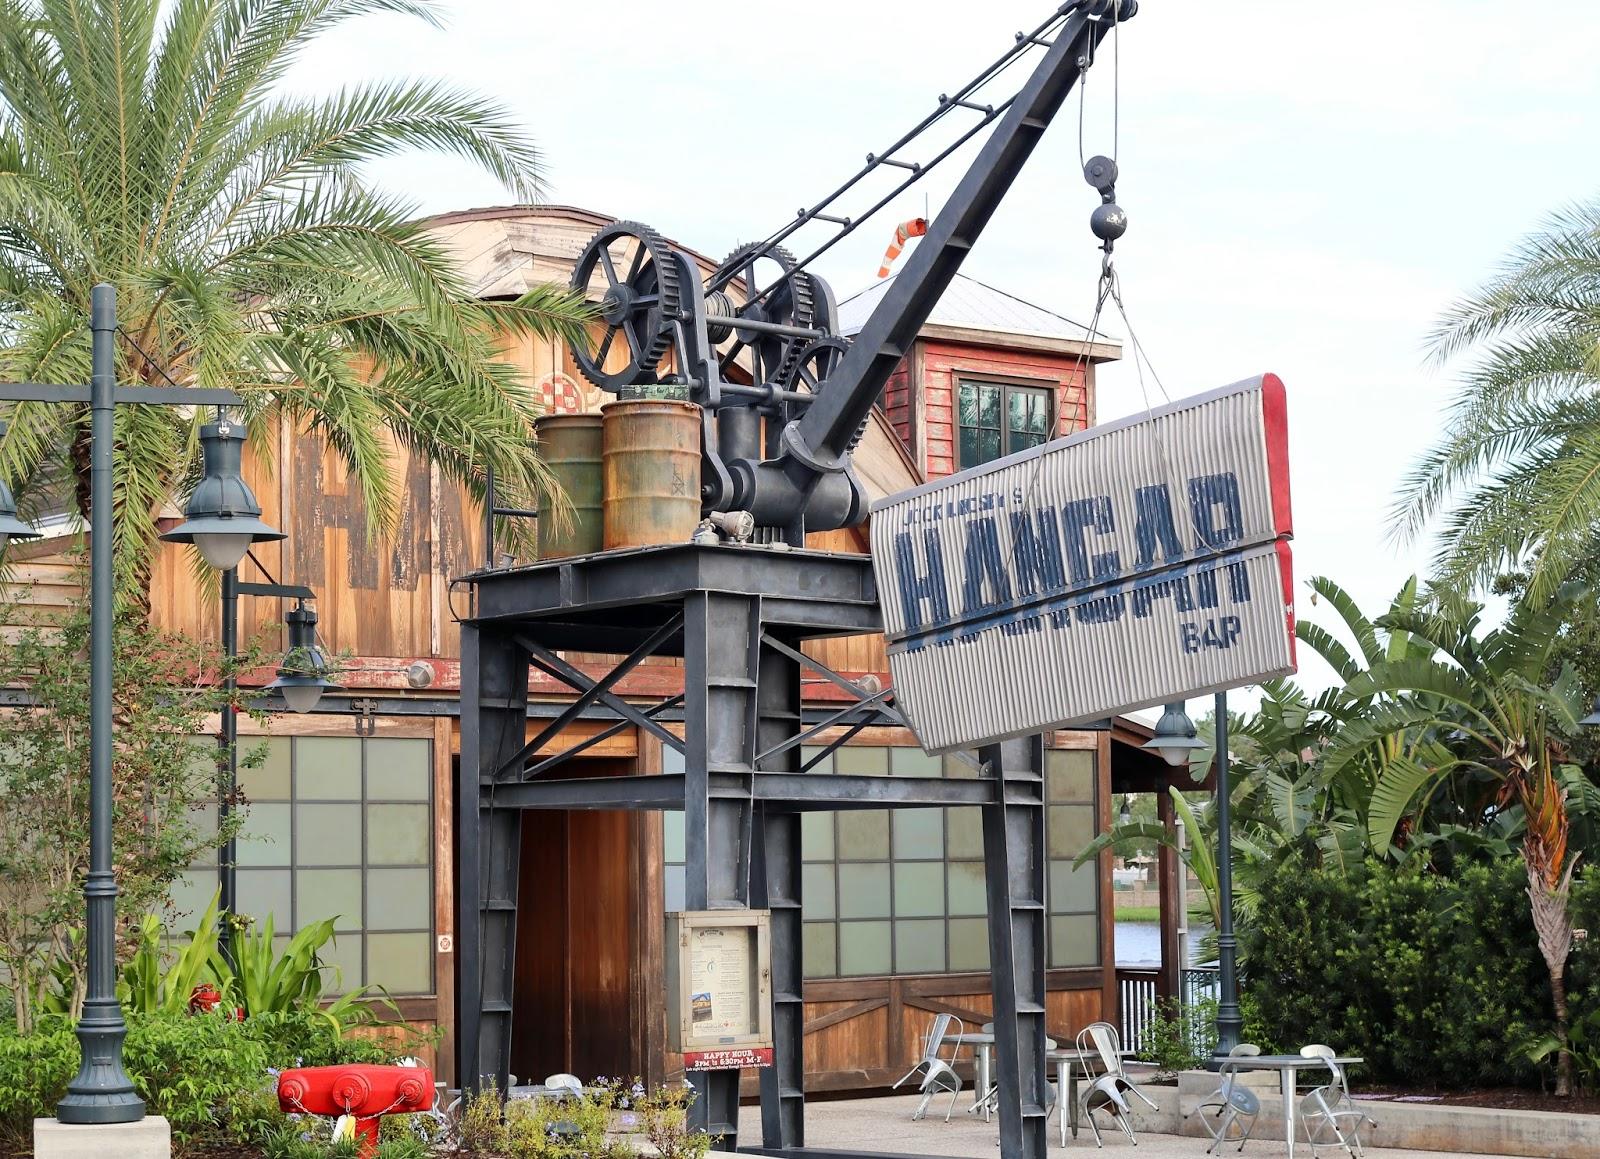 Disney-Springs-Jock-Lindsey's-Hangar-Bar